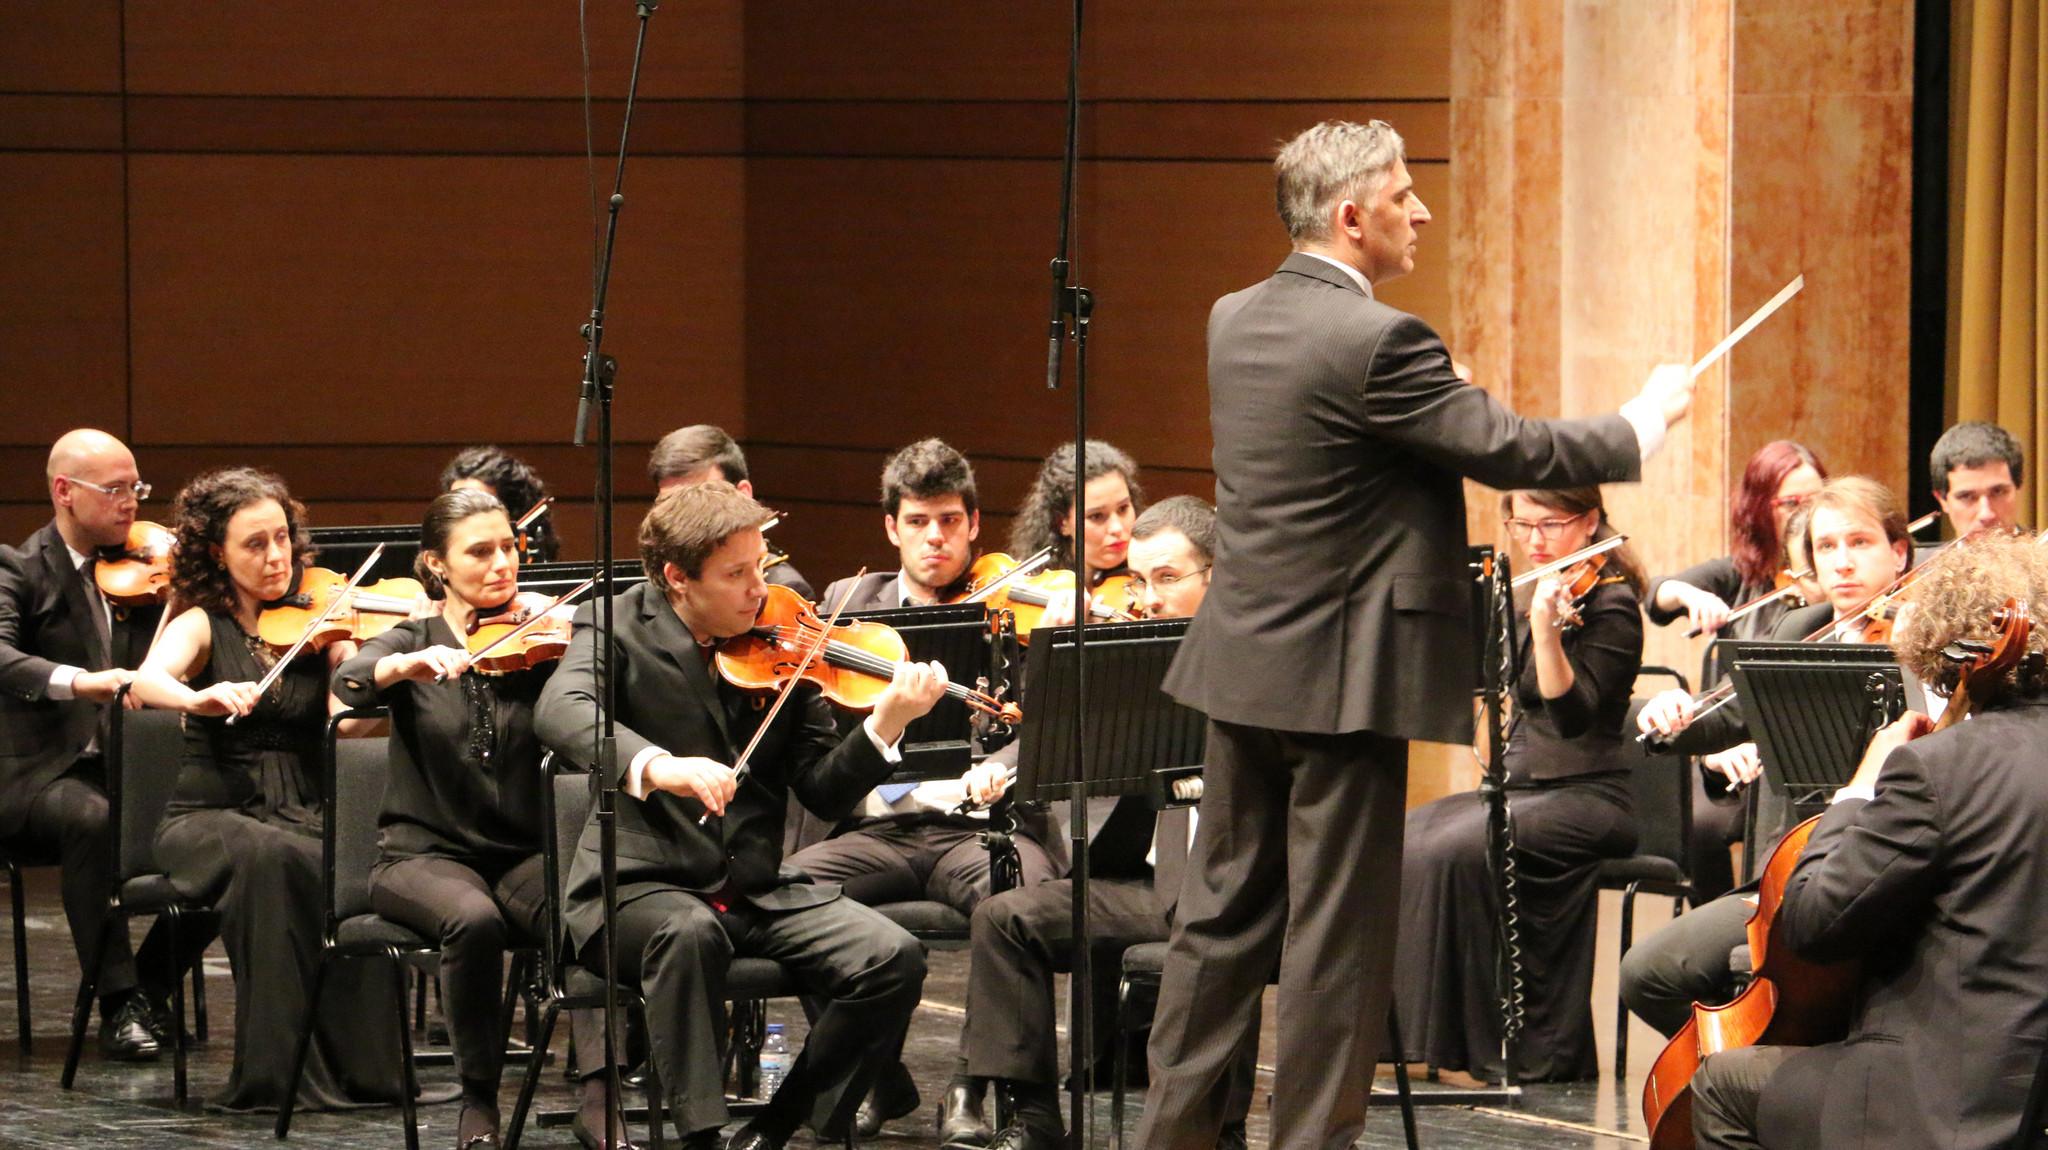 Grande Concerto de Ano Novo_Orquestra Filarmónia Portuguesa.JPG